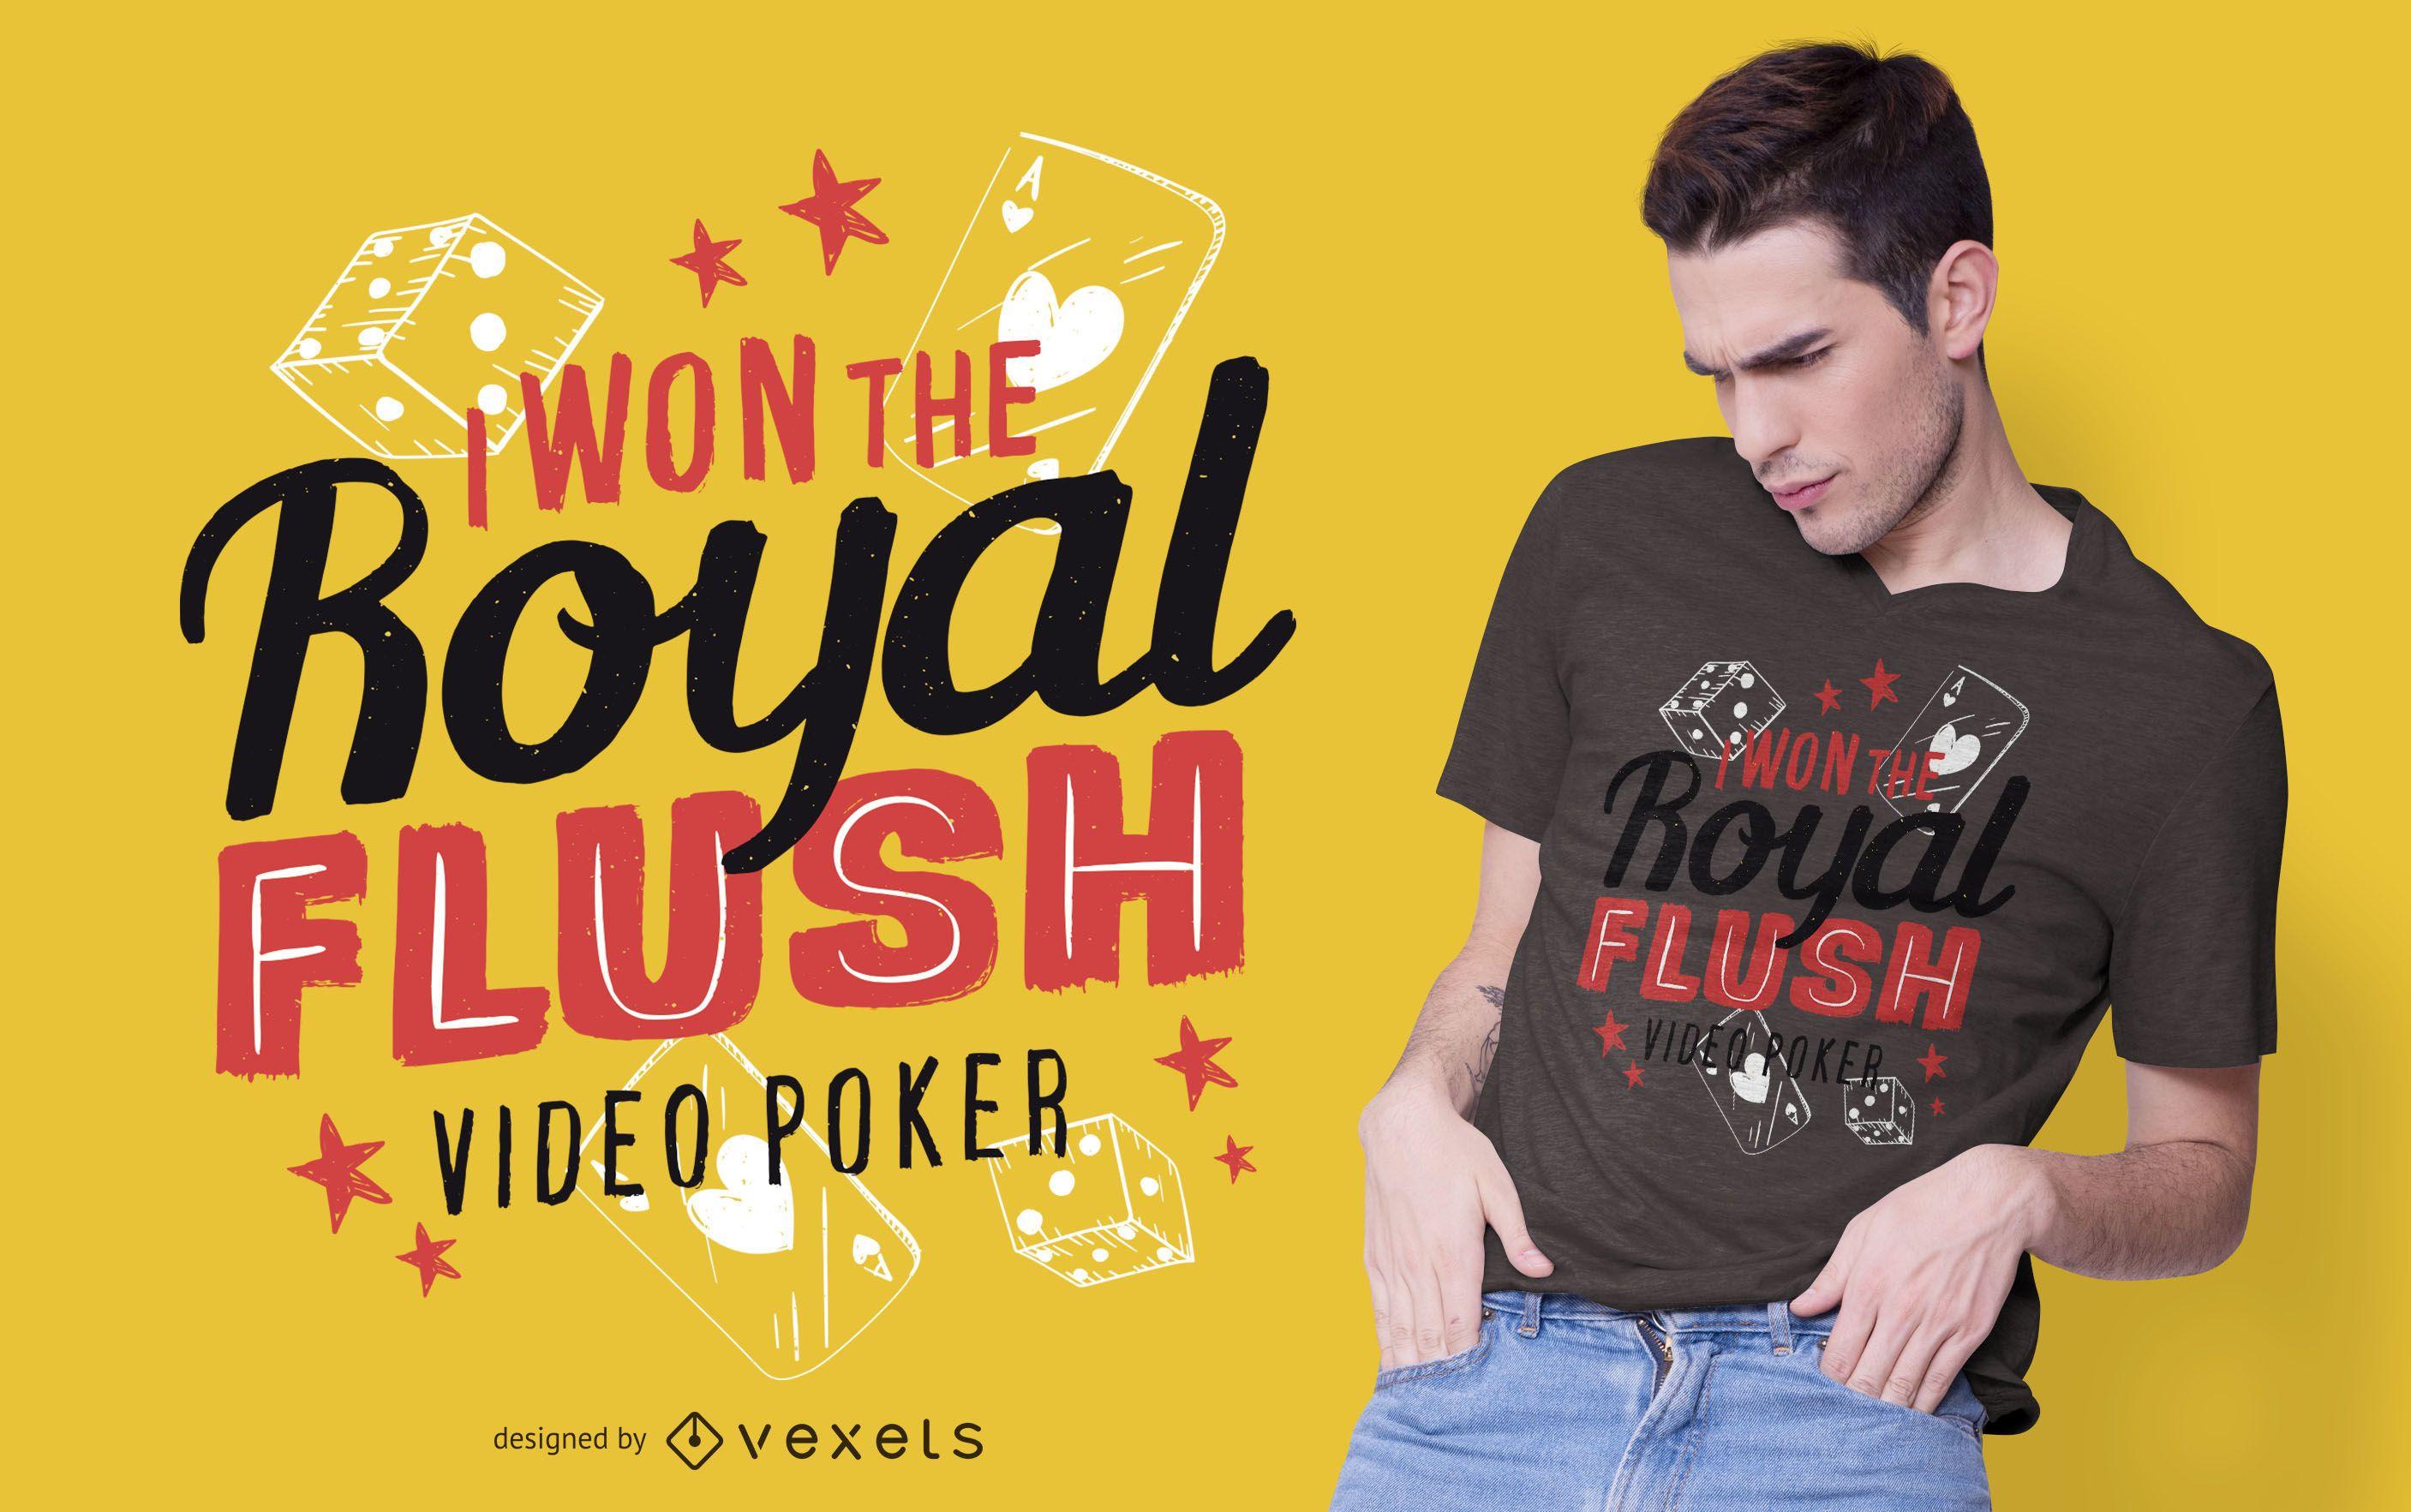 Diseño de camiseta de texto de video poker